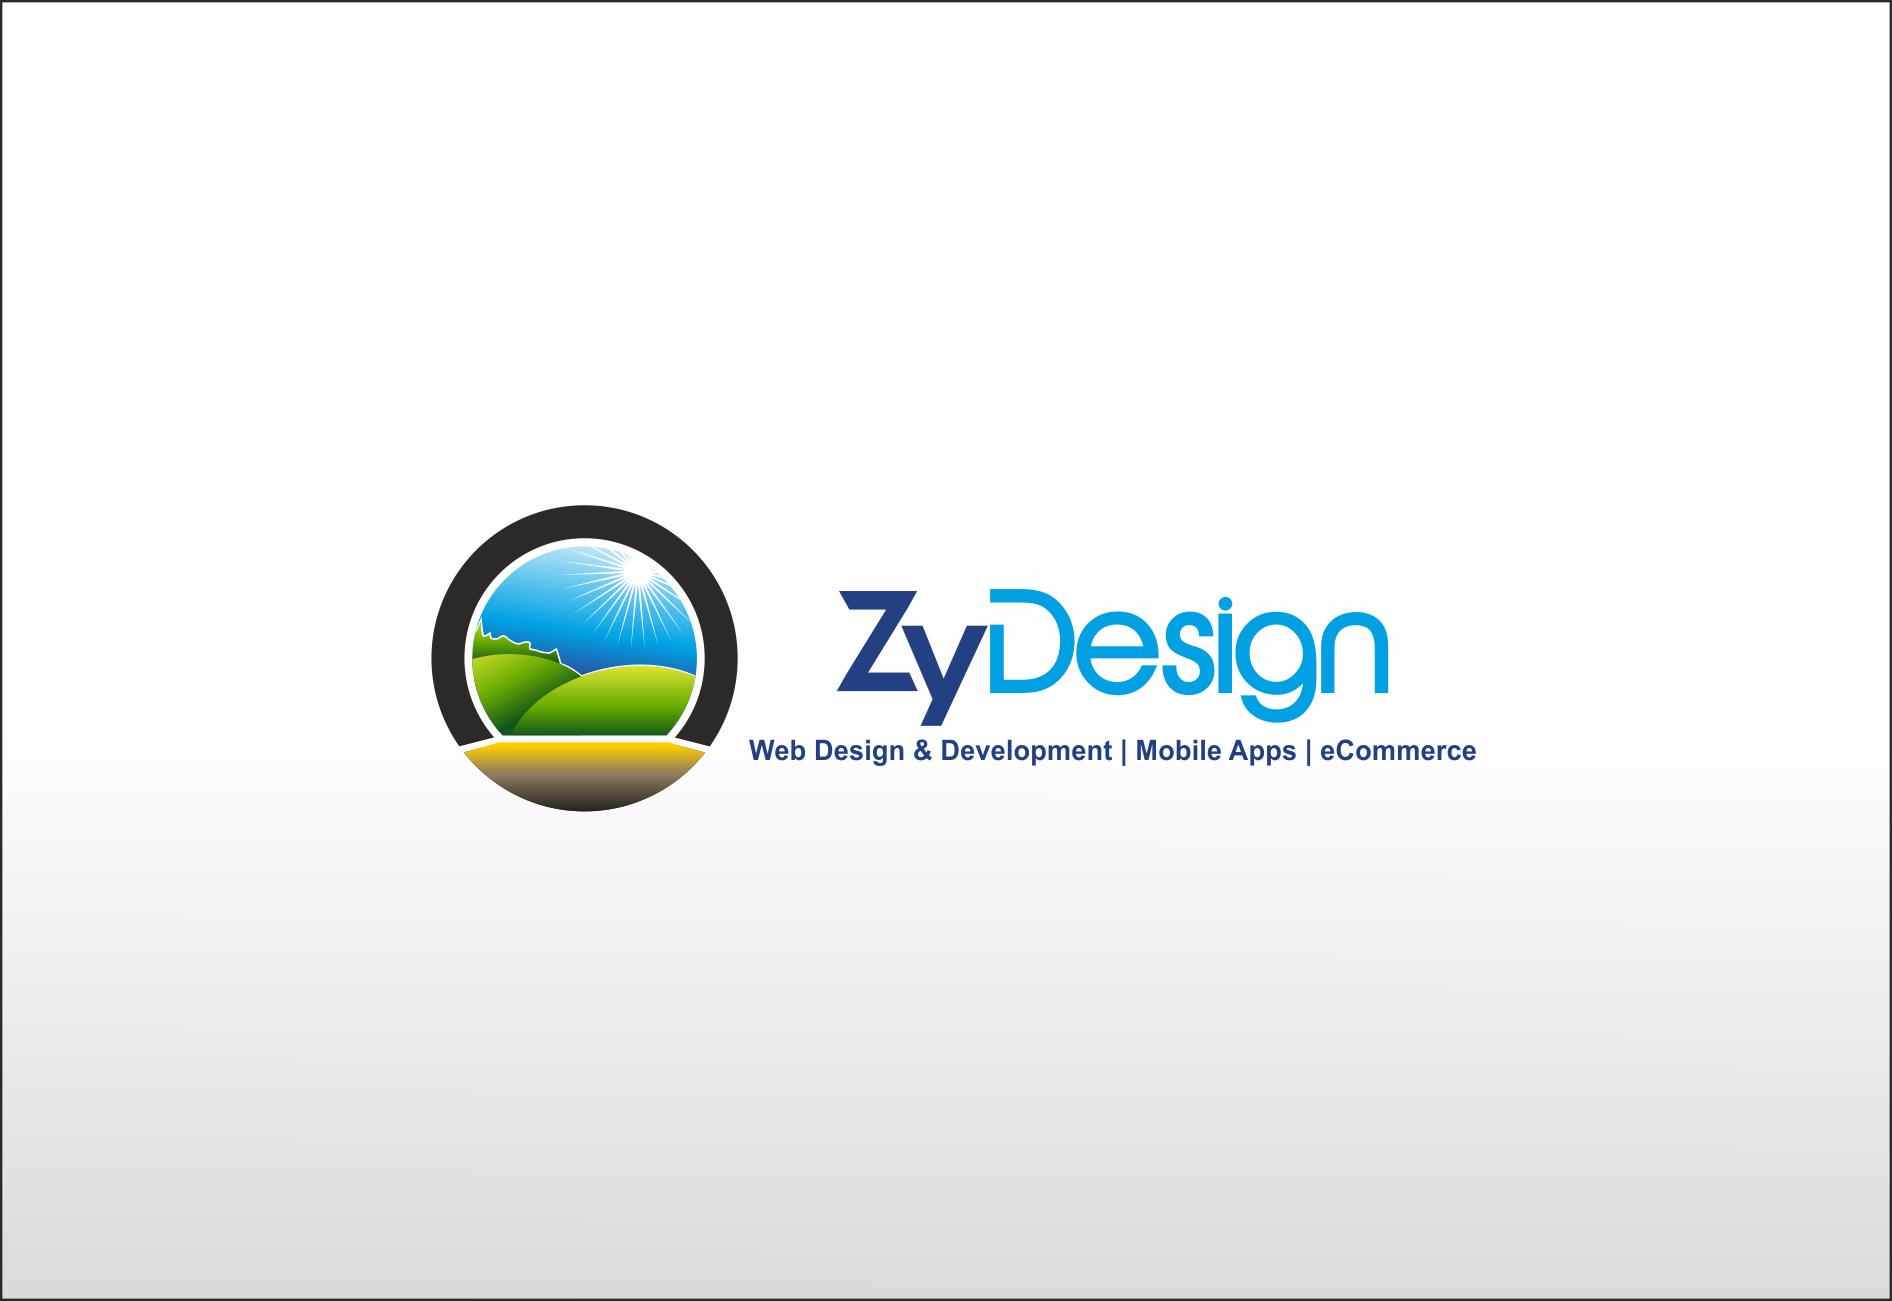 logo for ZyDesign